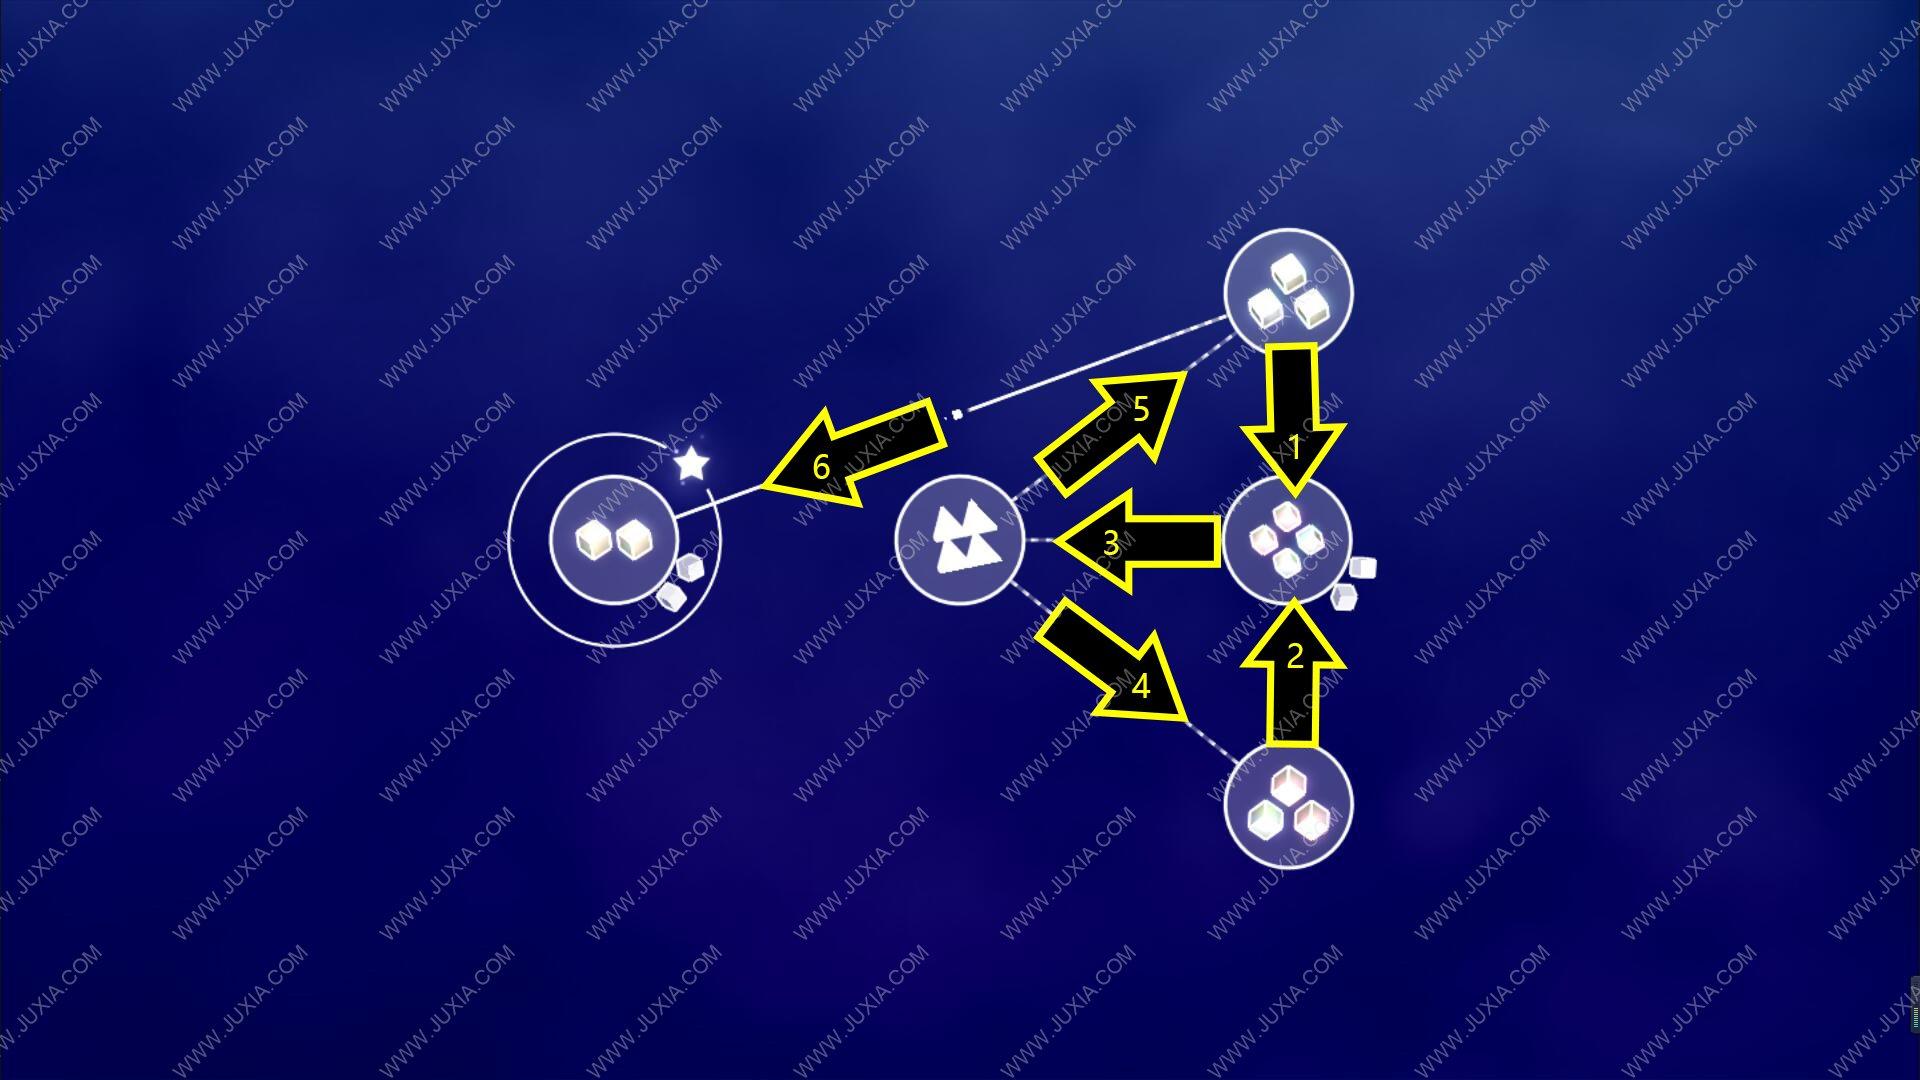 Transmission第七关怎么过 Transmission游戏攻略第7关